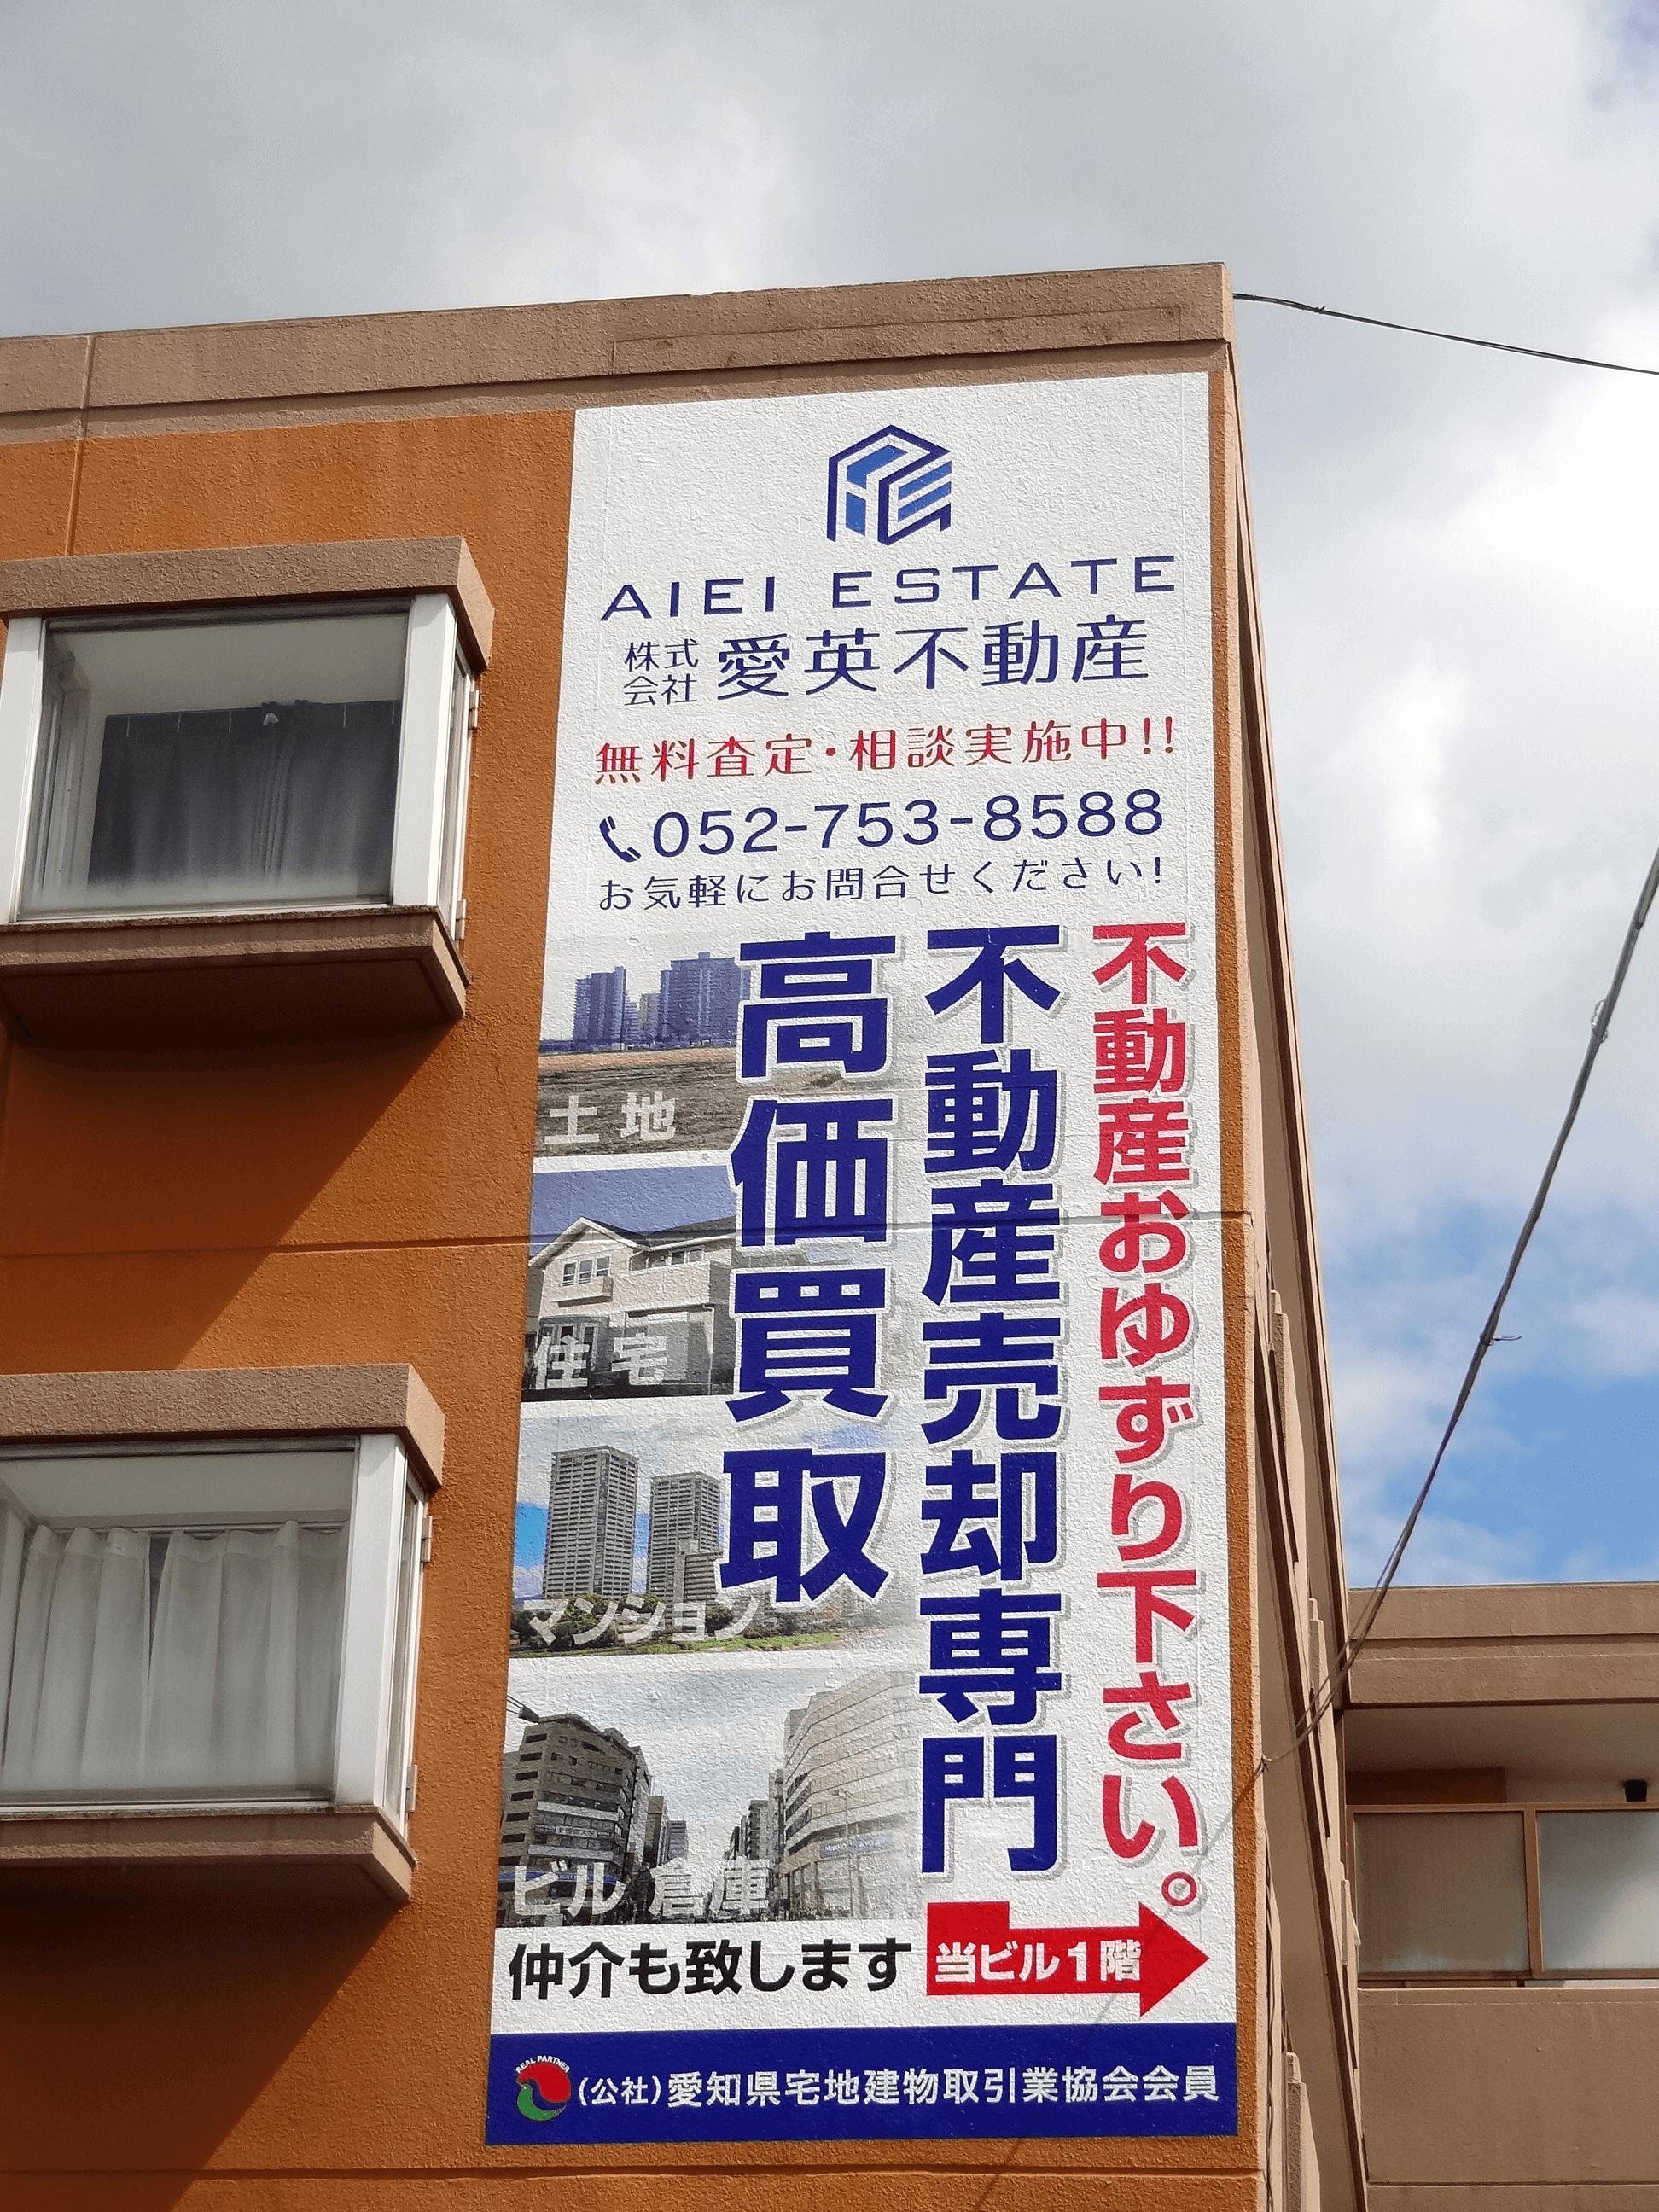 ファサード・壁面看板施工事例写真 愛知県 ビル壁面に直接貼れるインクジェット出力シートを貼り付けしたい